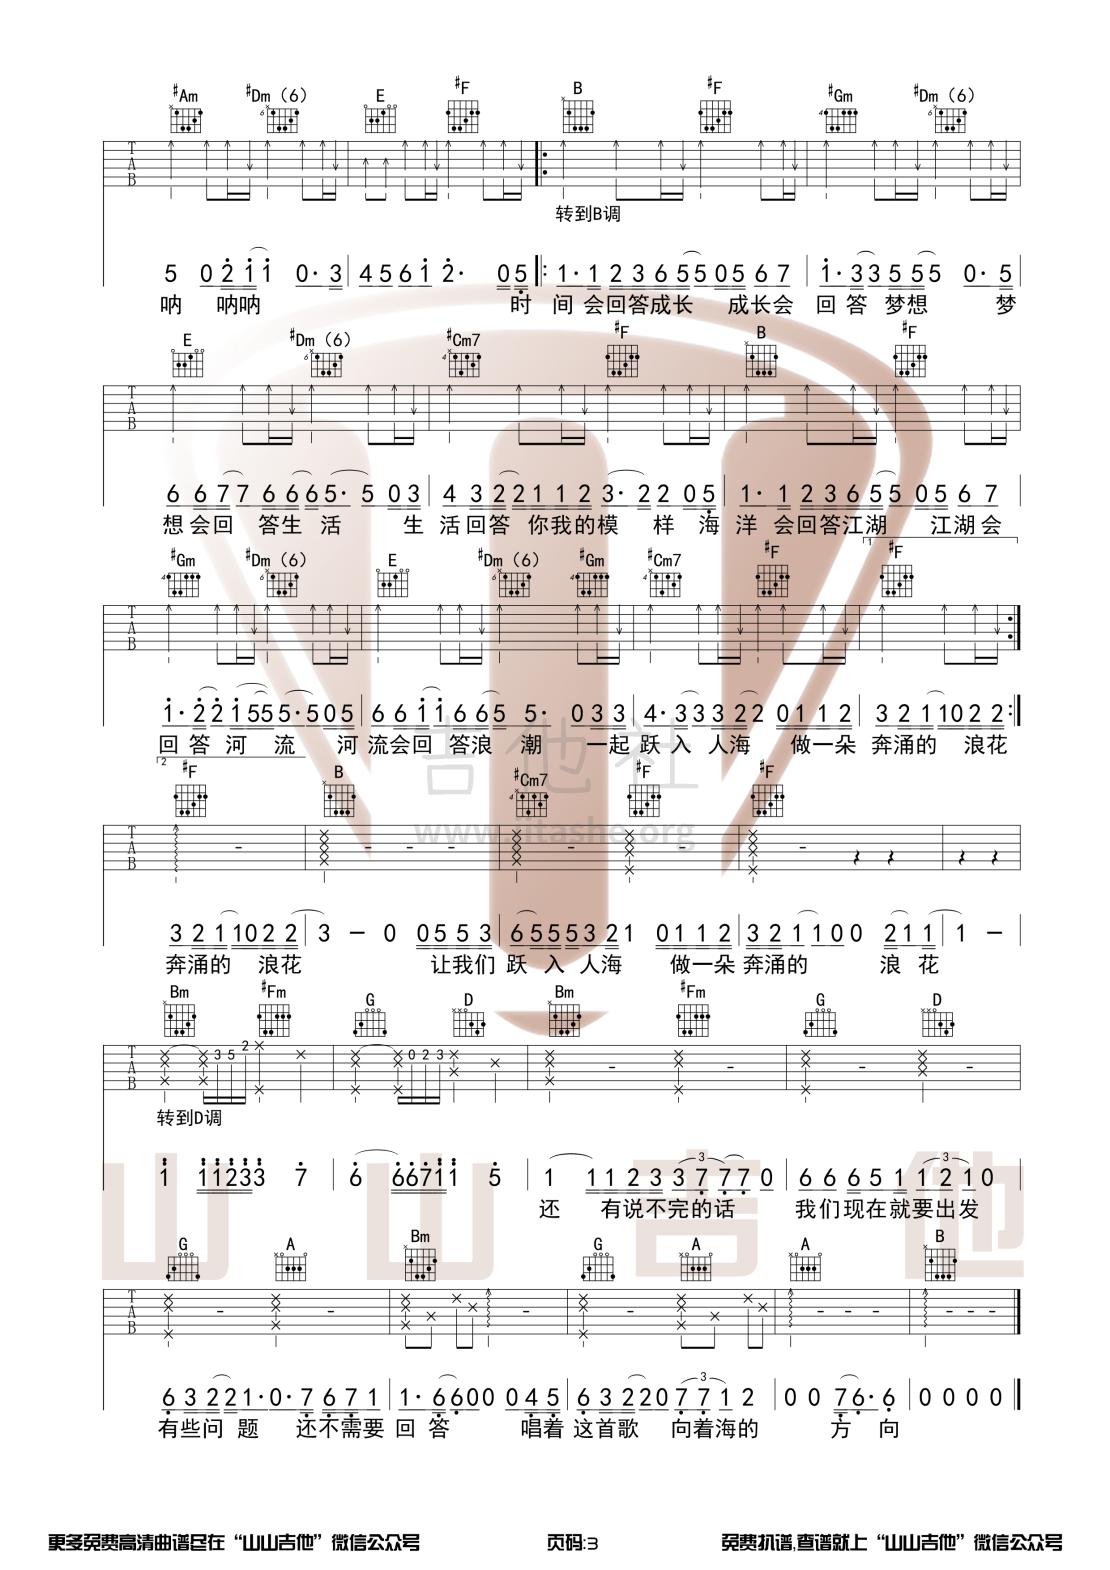 【全网首发】入海(原版吉他谱 山山吉他编配)吉他谱(图片谱,弹唱)_毛不易(王维家)_入海3.png